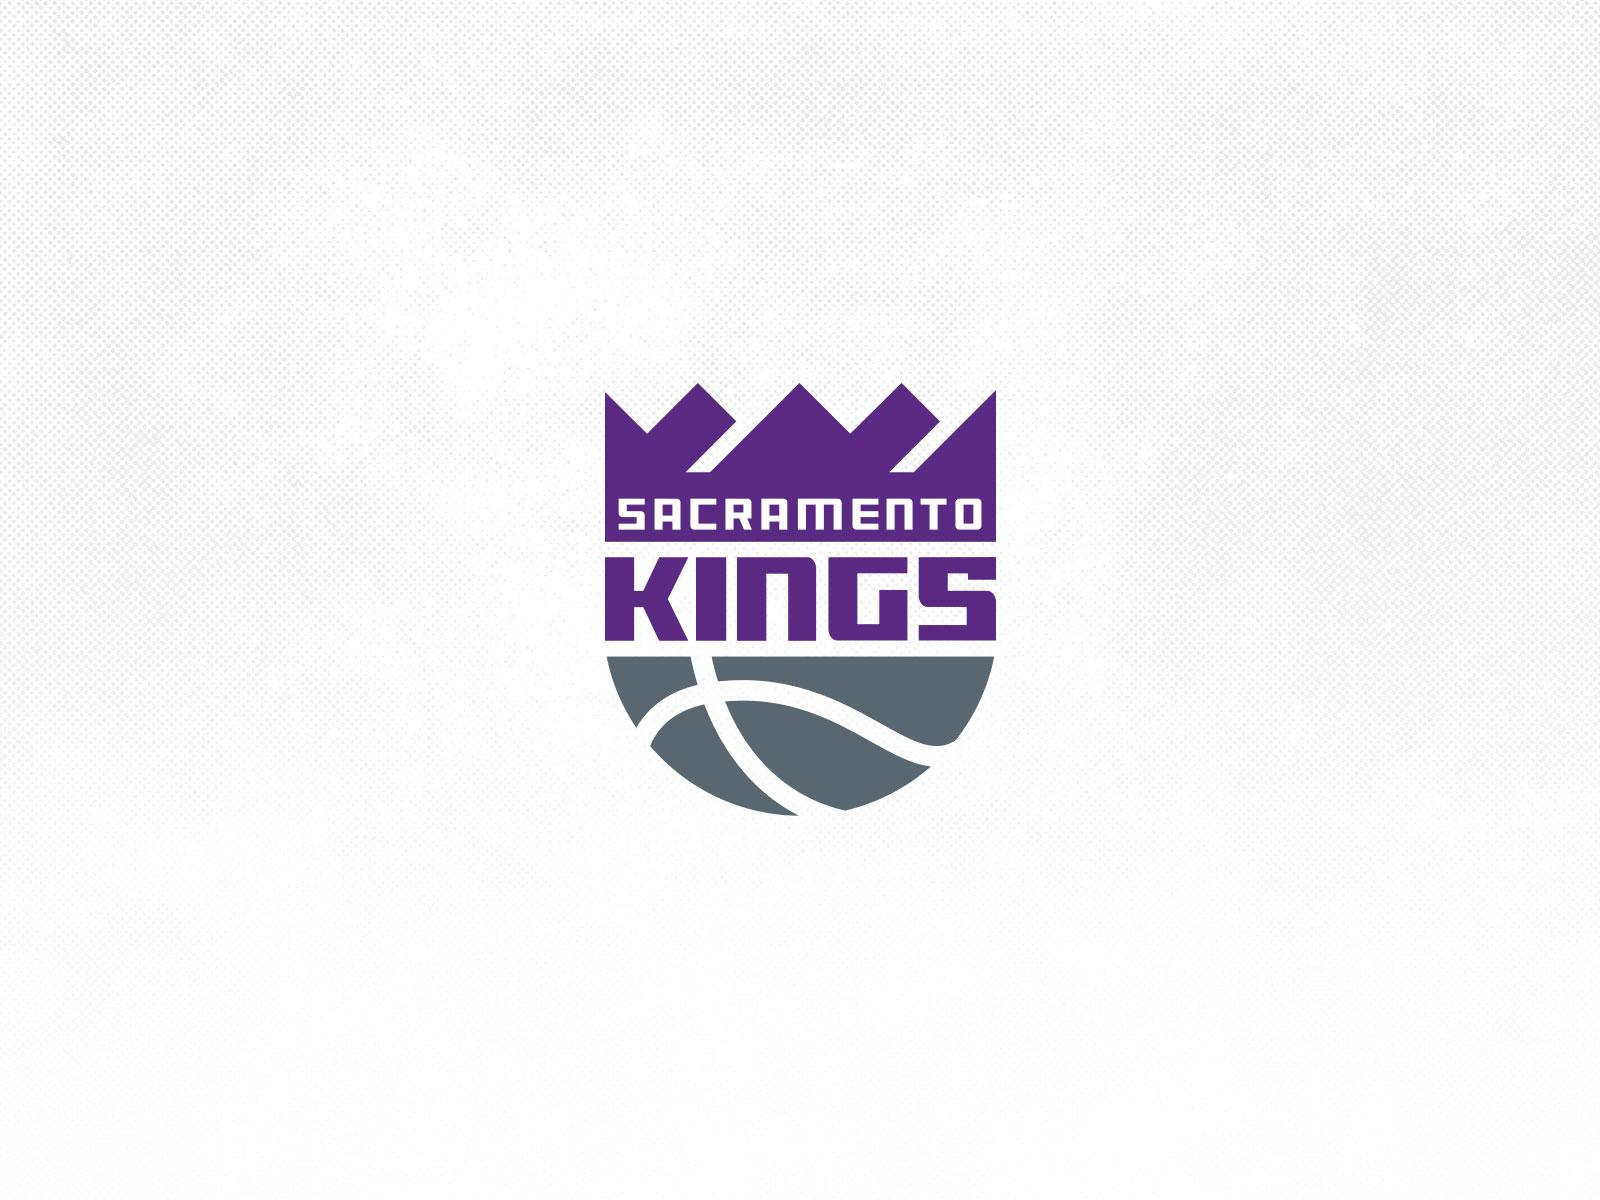 Kings Wallpapers 1600x1200